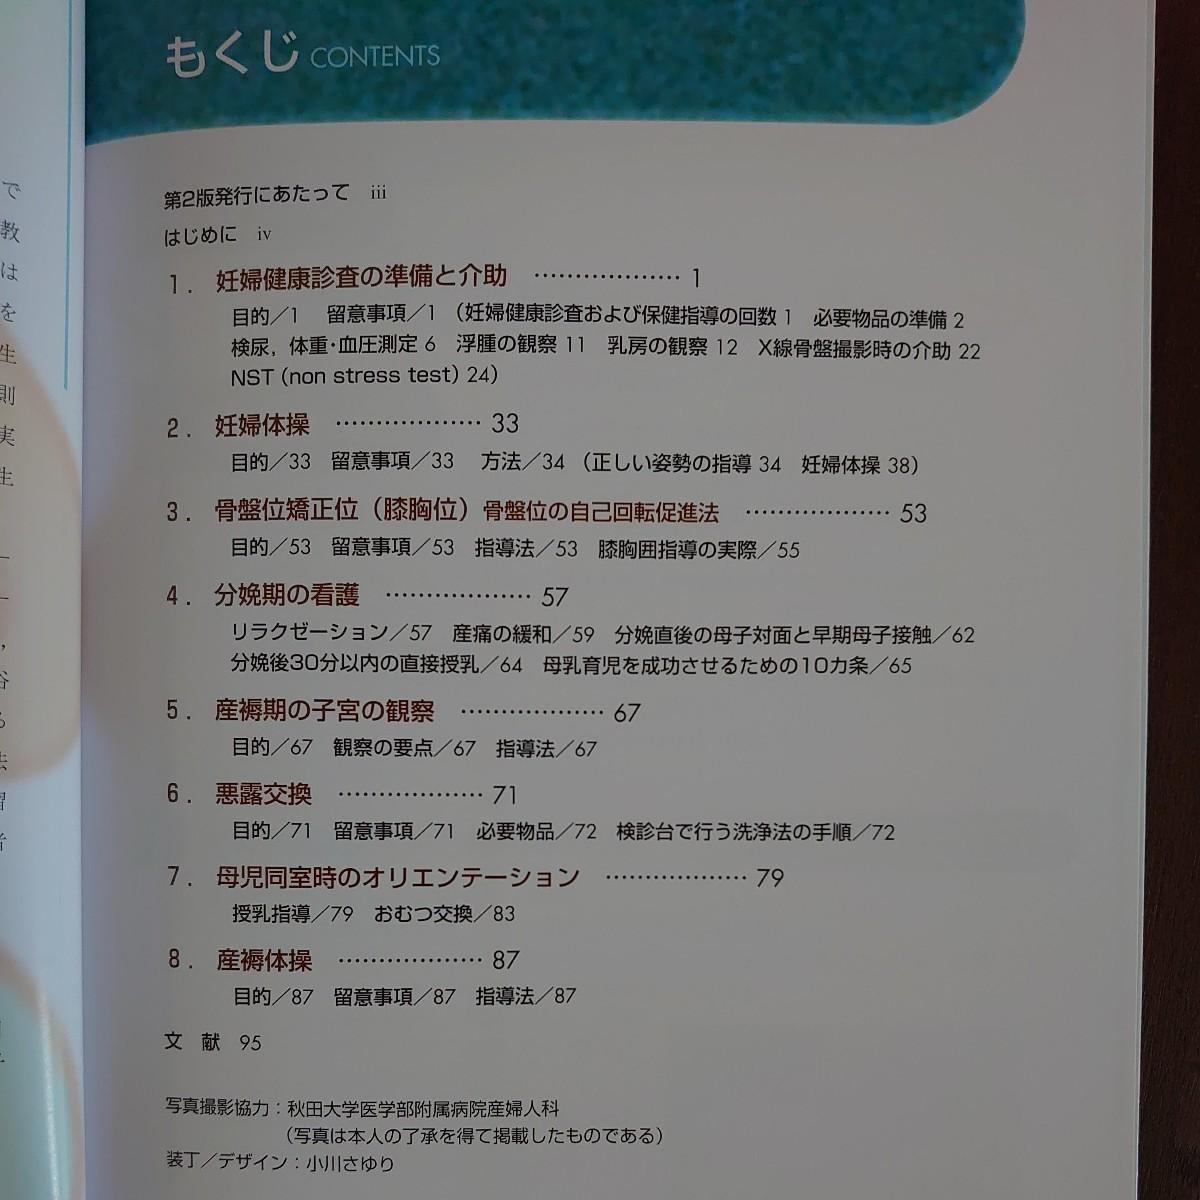 カラー写真で学ぶ 妊産褥婦のケア  第2版  母性看護